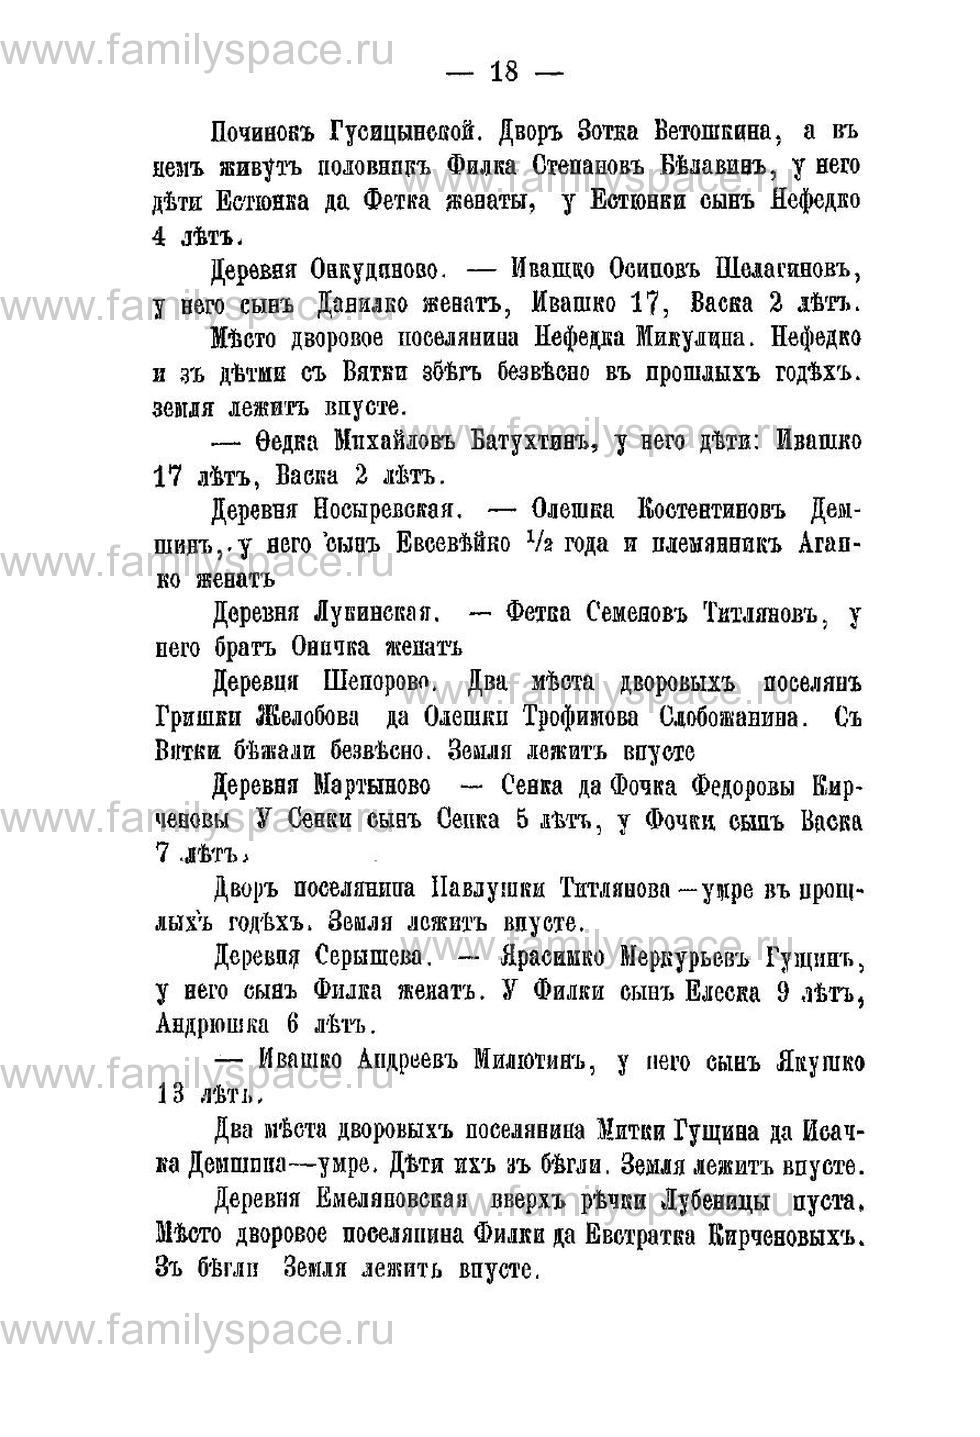 Поиск по фамилии - Переписная книга Орлова и волостей 1678 г, страница 14